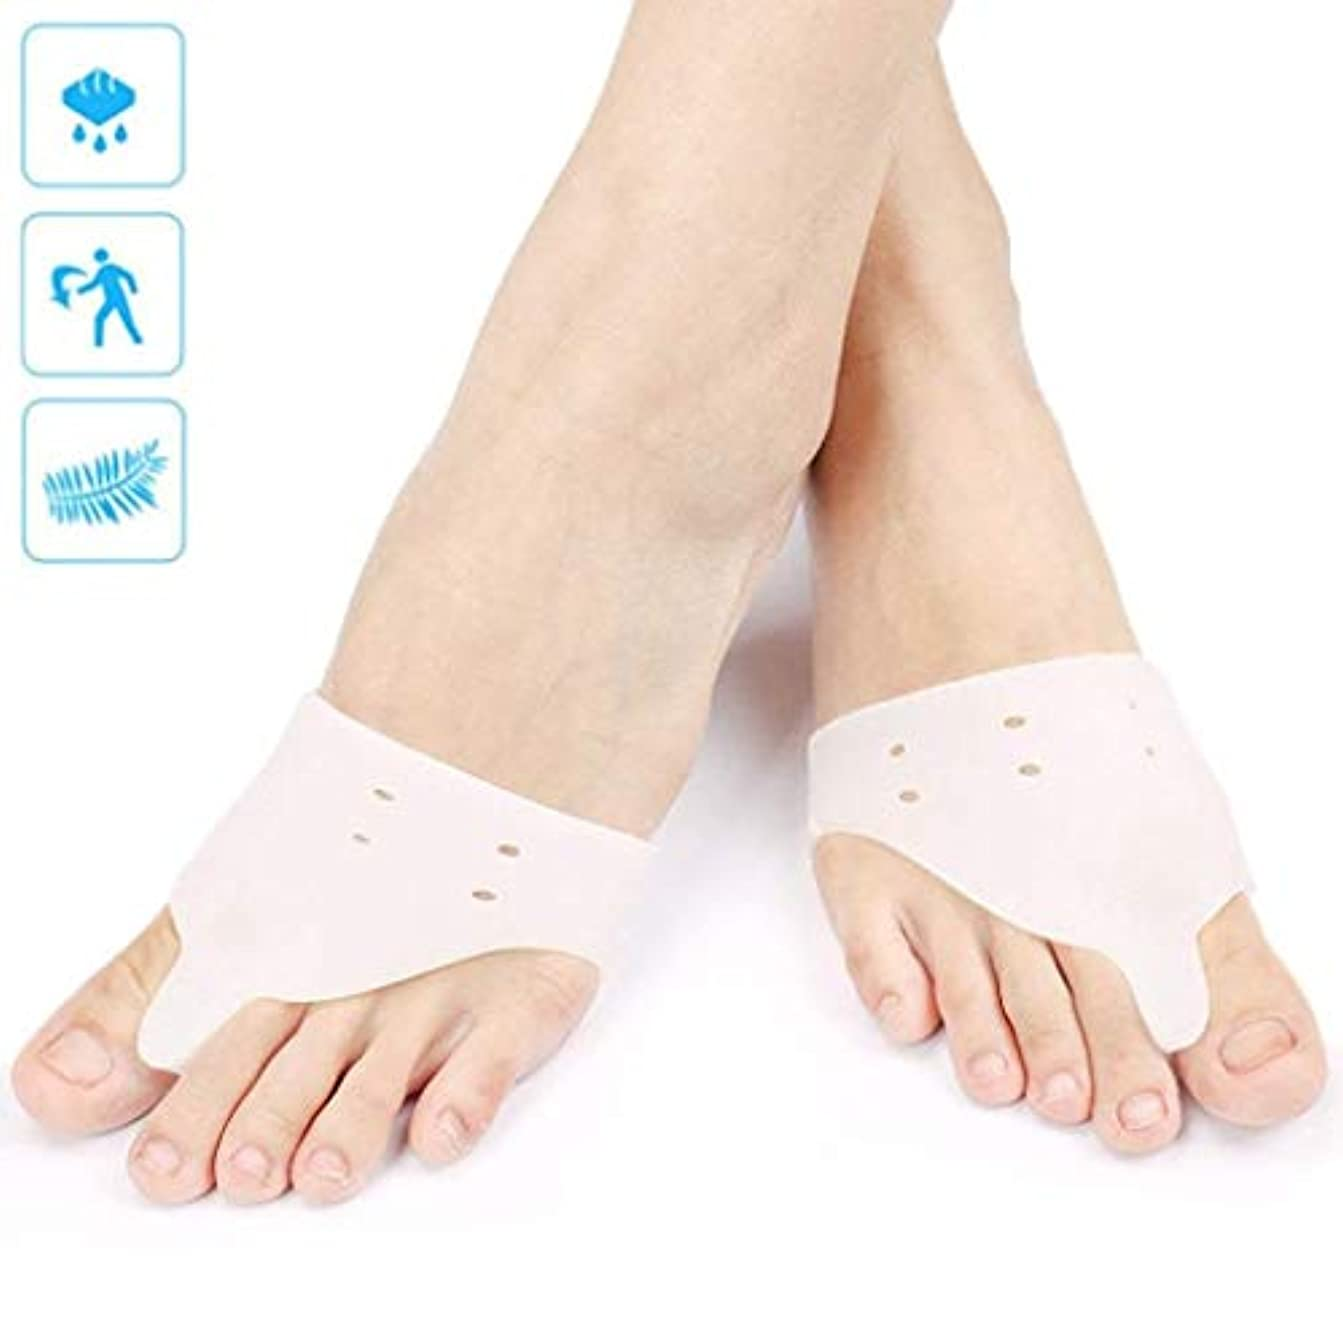 壁紙インフルエンザ虐待Bunion Toe Separators、Bunion Corrector、Ball of Foot Cushions、Hallux Valgus、Toe Straighteners、Bunion Protector